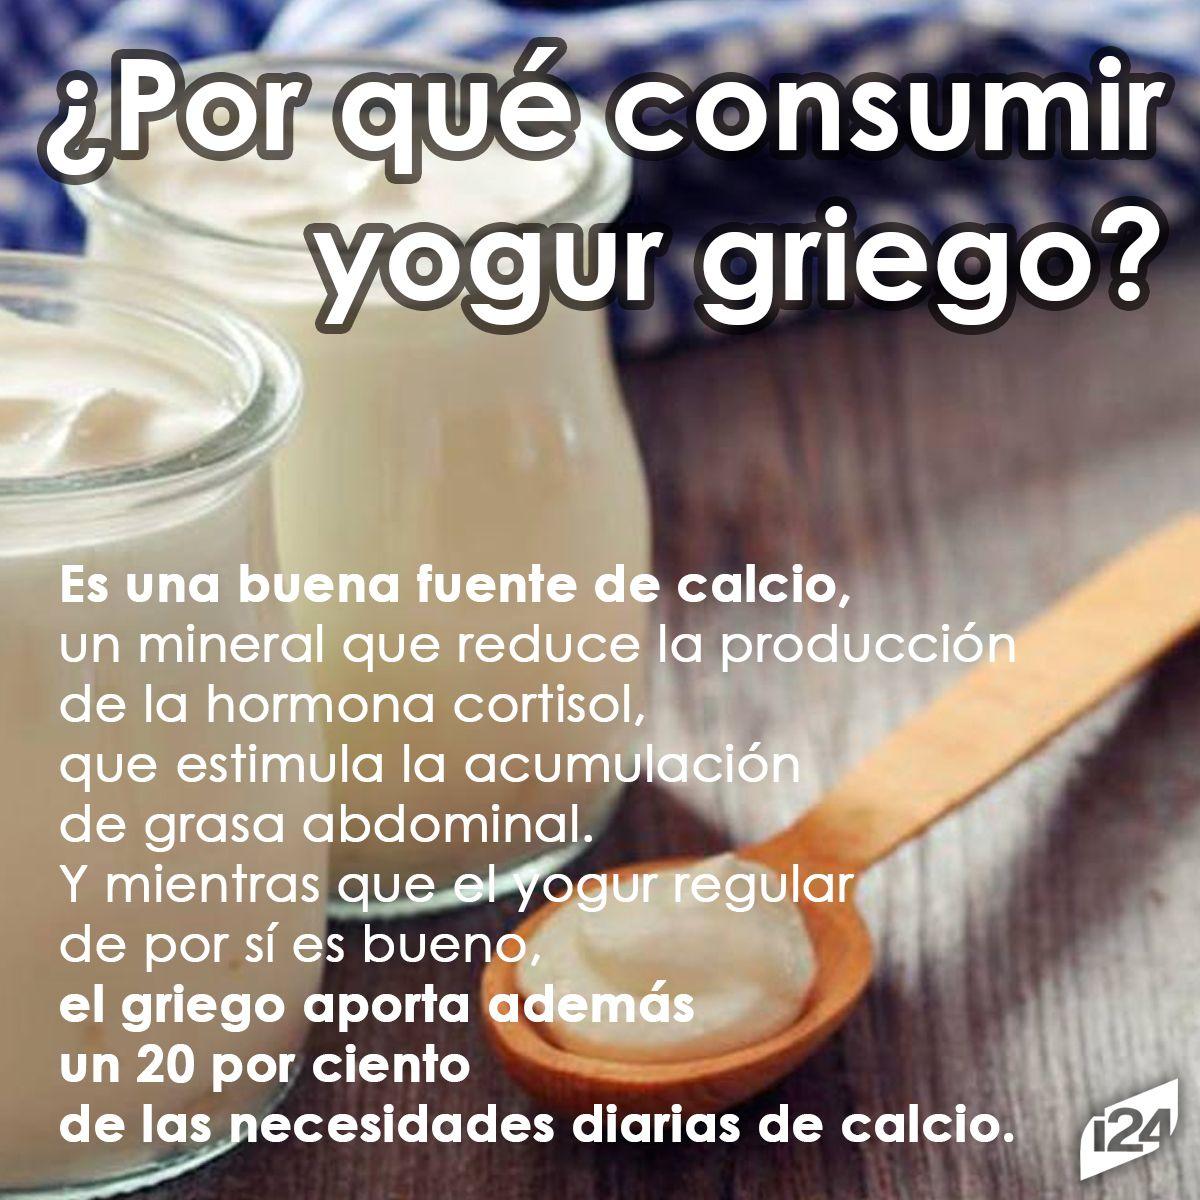 Recetas con yogur griego para adelgazar